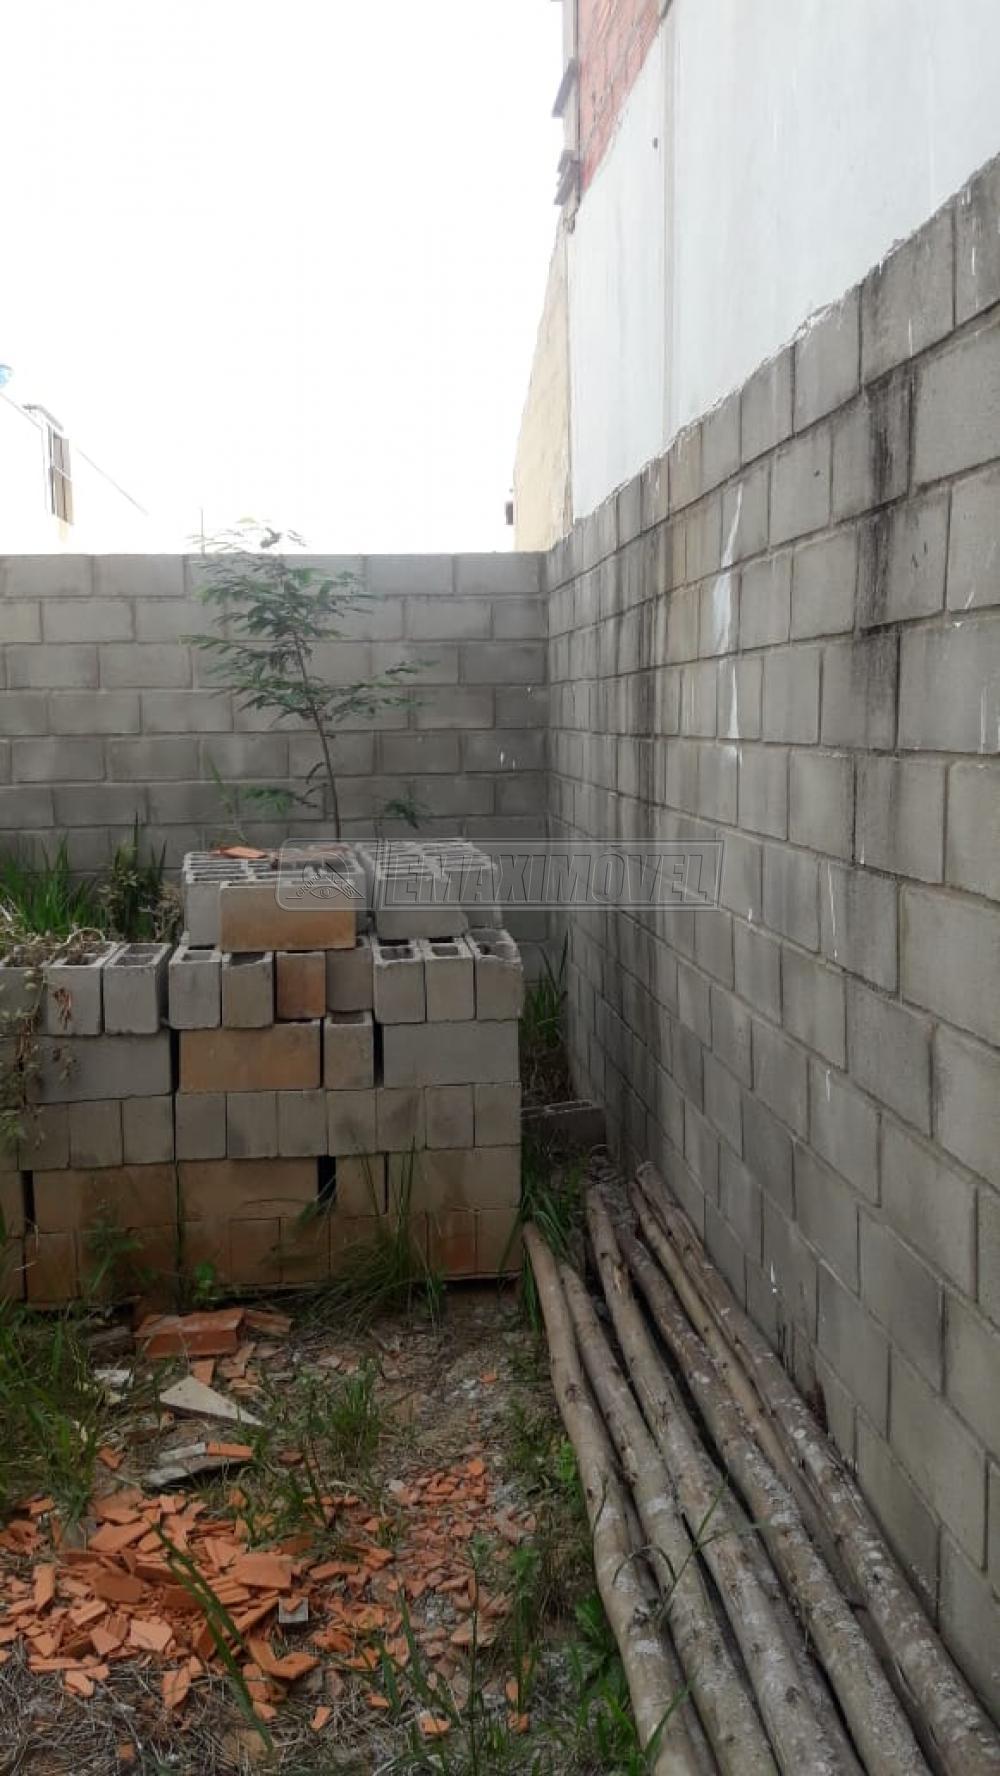 Comprar Terrenos / em Bairros em Sorocaba apenas R$ 190.000,00 - Foto 5